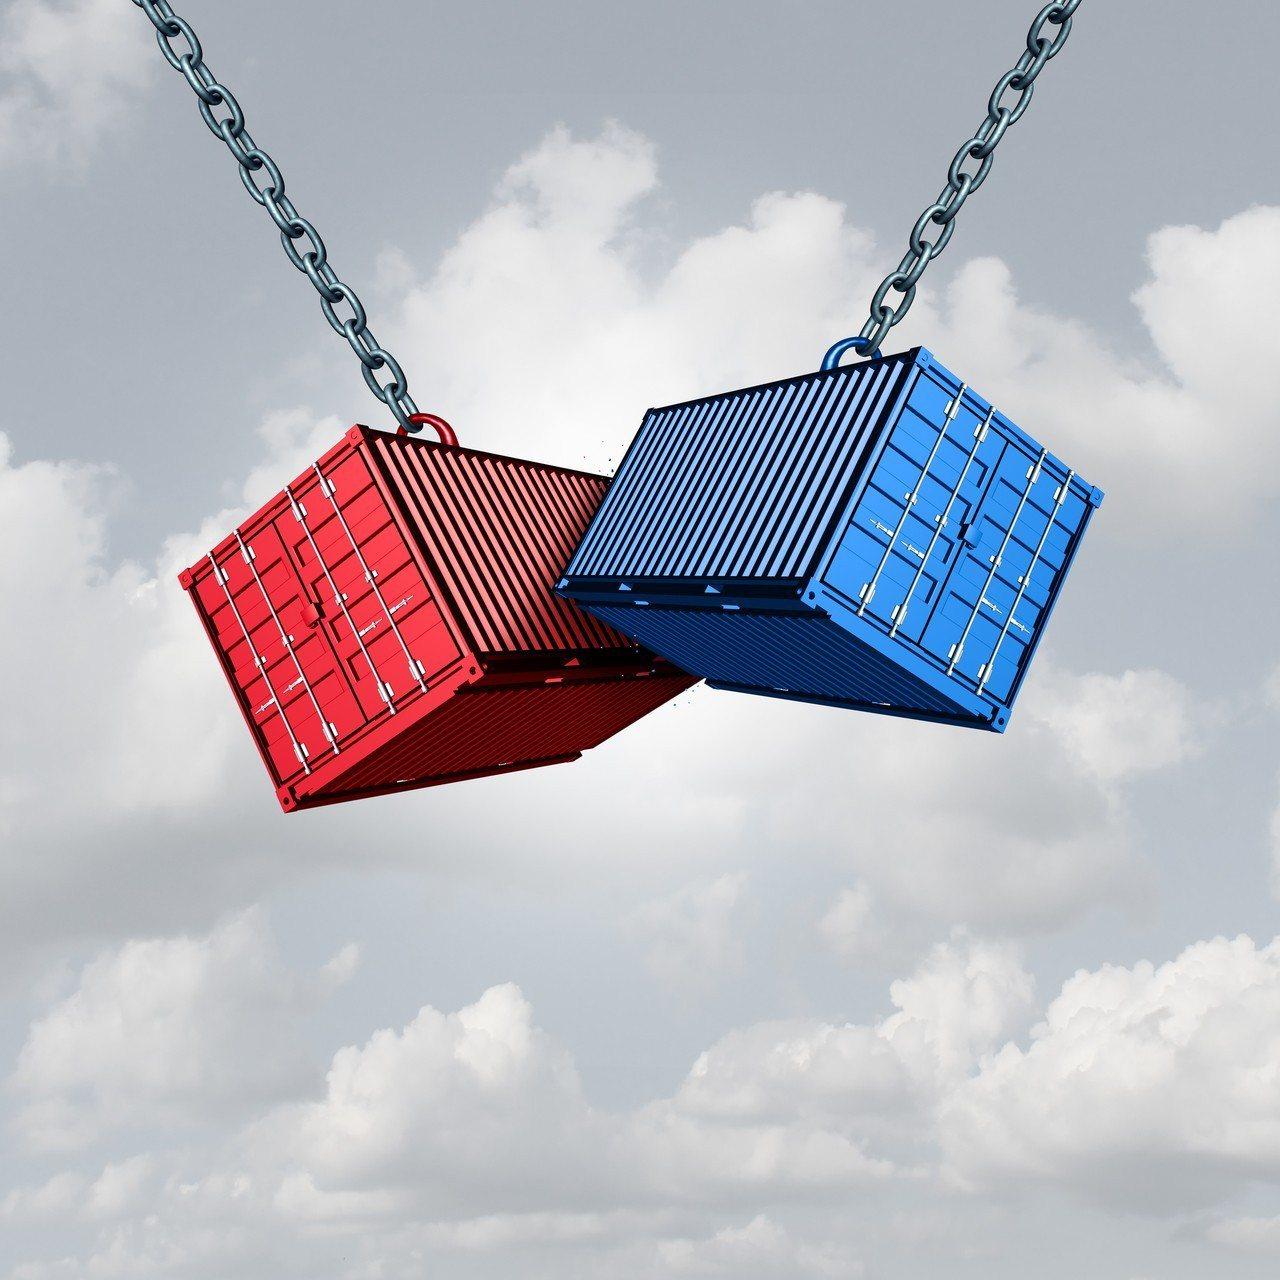 美中兩大經濟體的互不信任日甚。 Ingimage